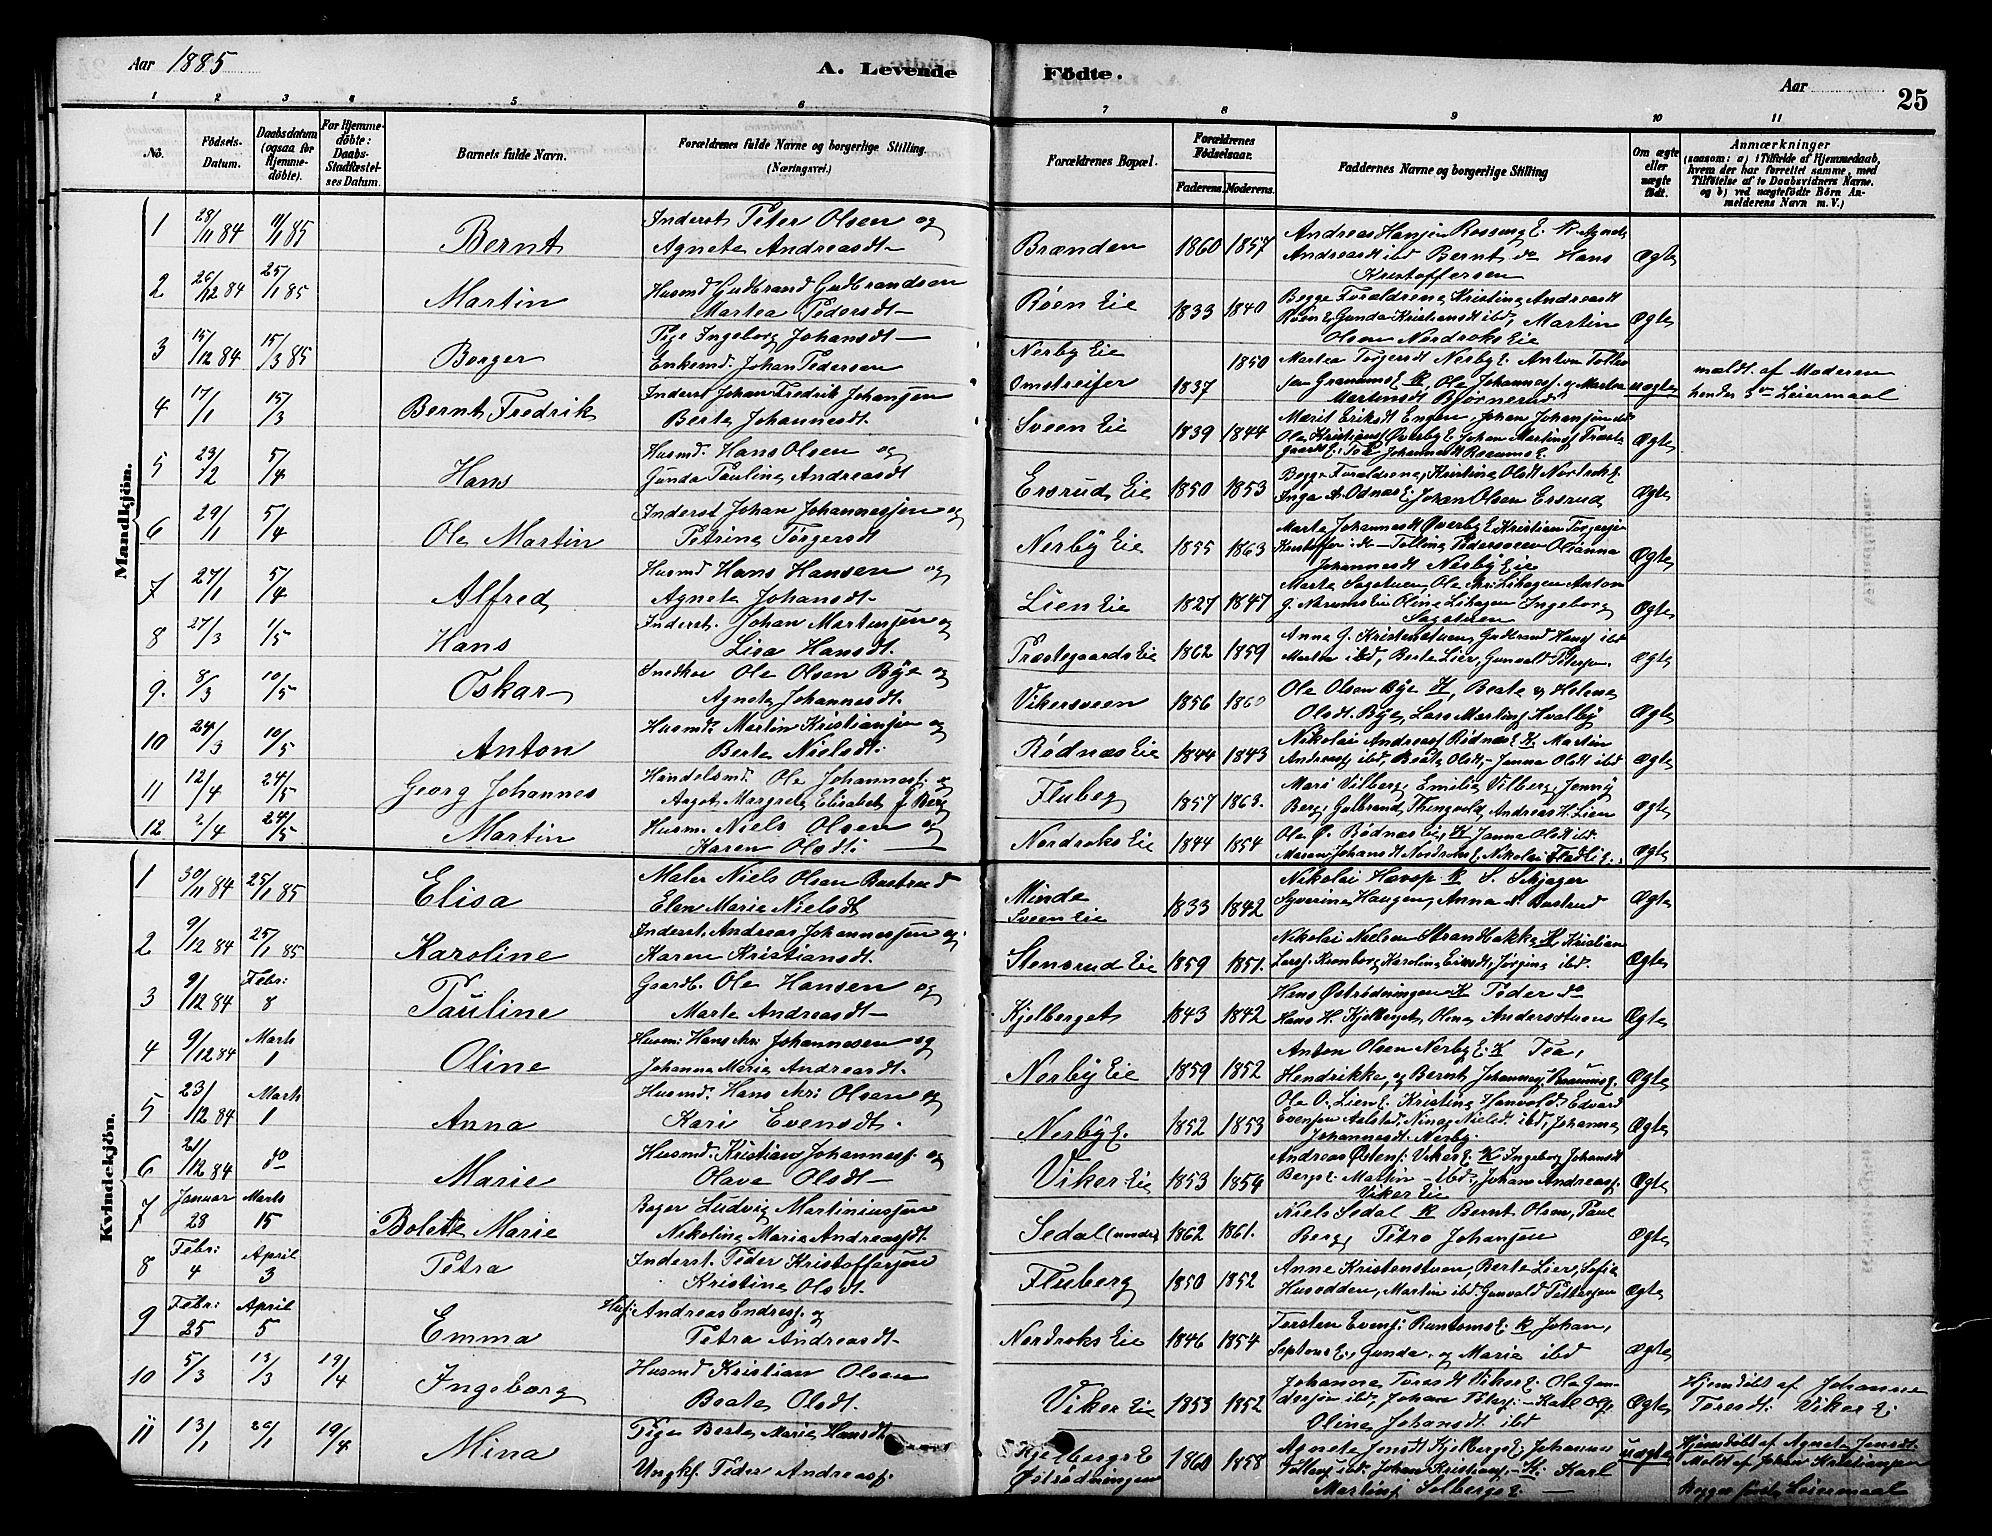 SAH, Søndre Land prestekontor, K/L0002: Ministerialbok nr. 2, 1878-1894, s. 25